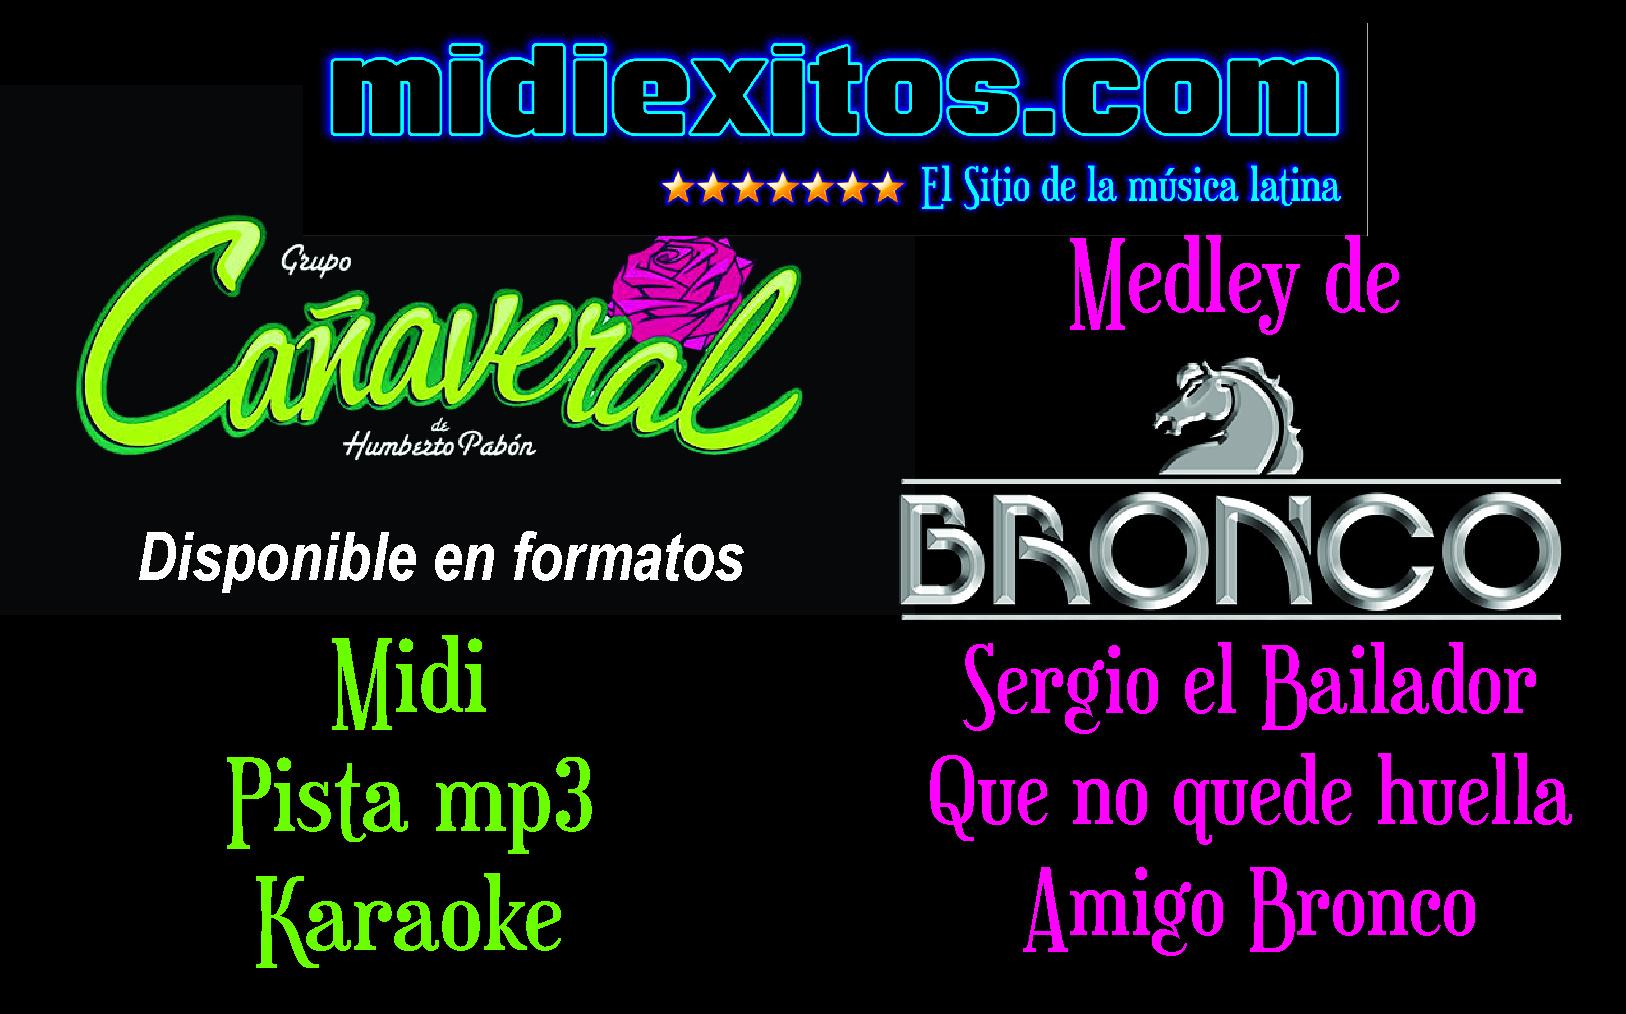 Medley Bronco - Cañaveral